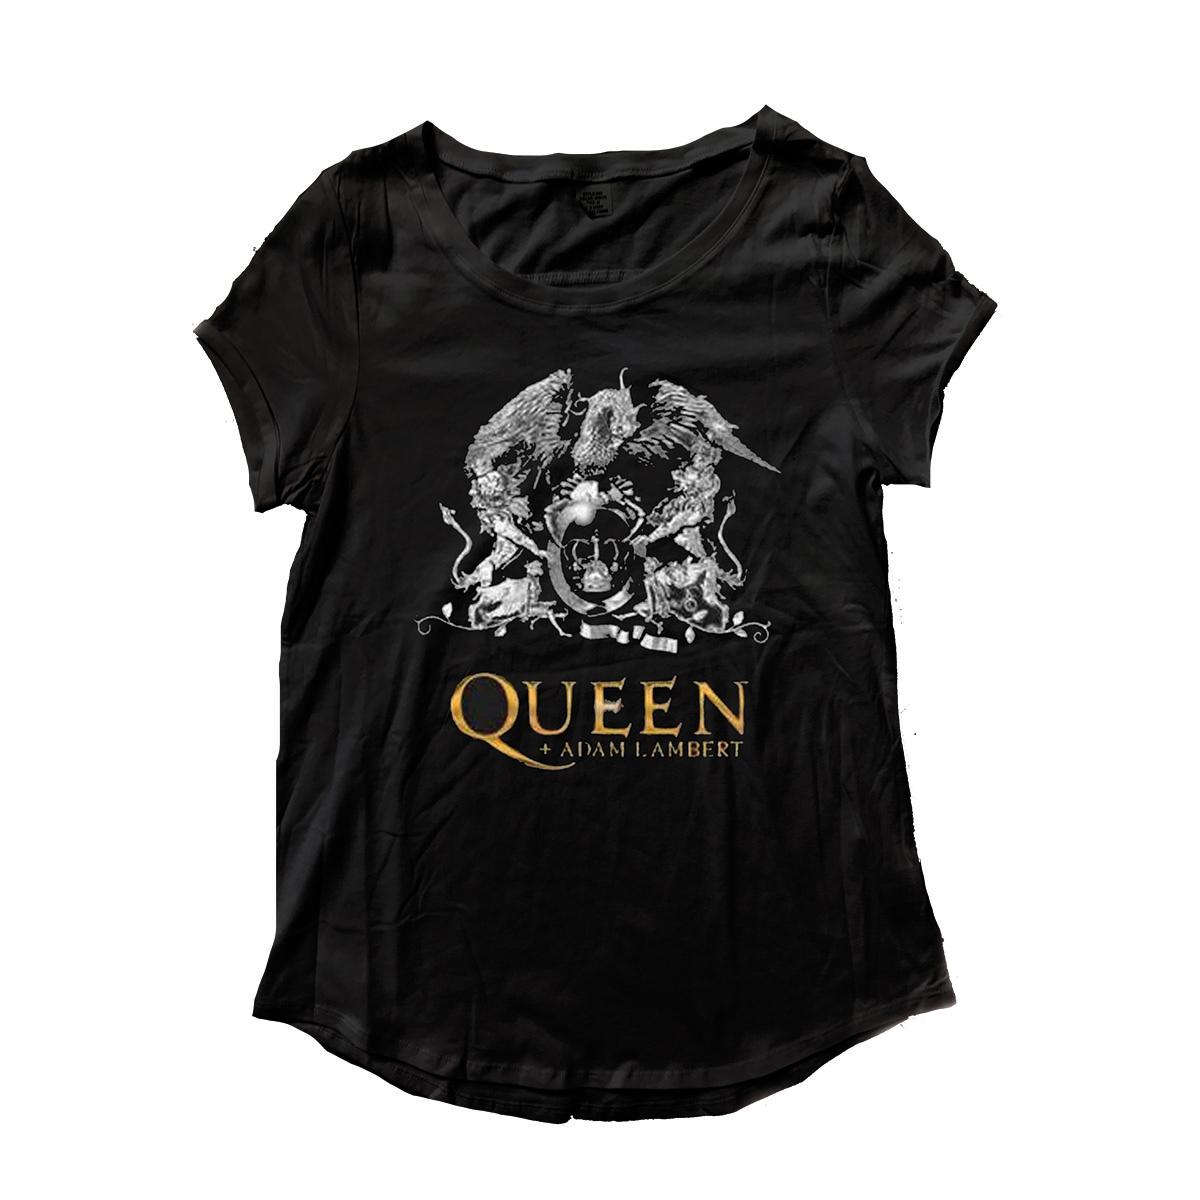 Queen + Adam Lambert Crest Ladies T-Shirt